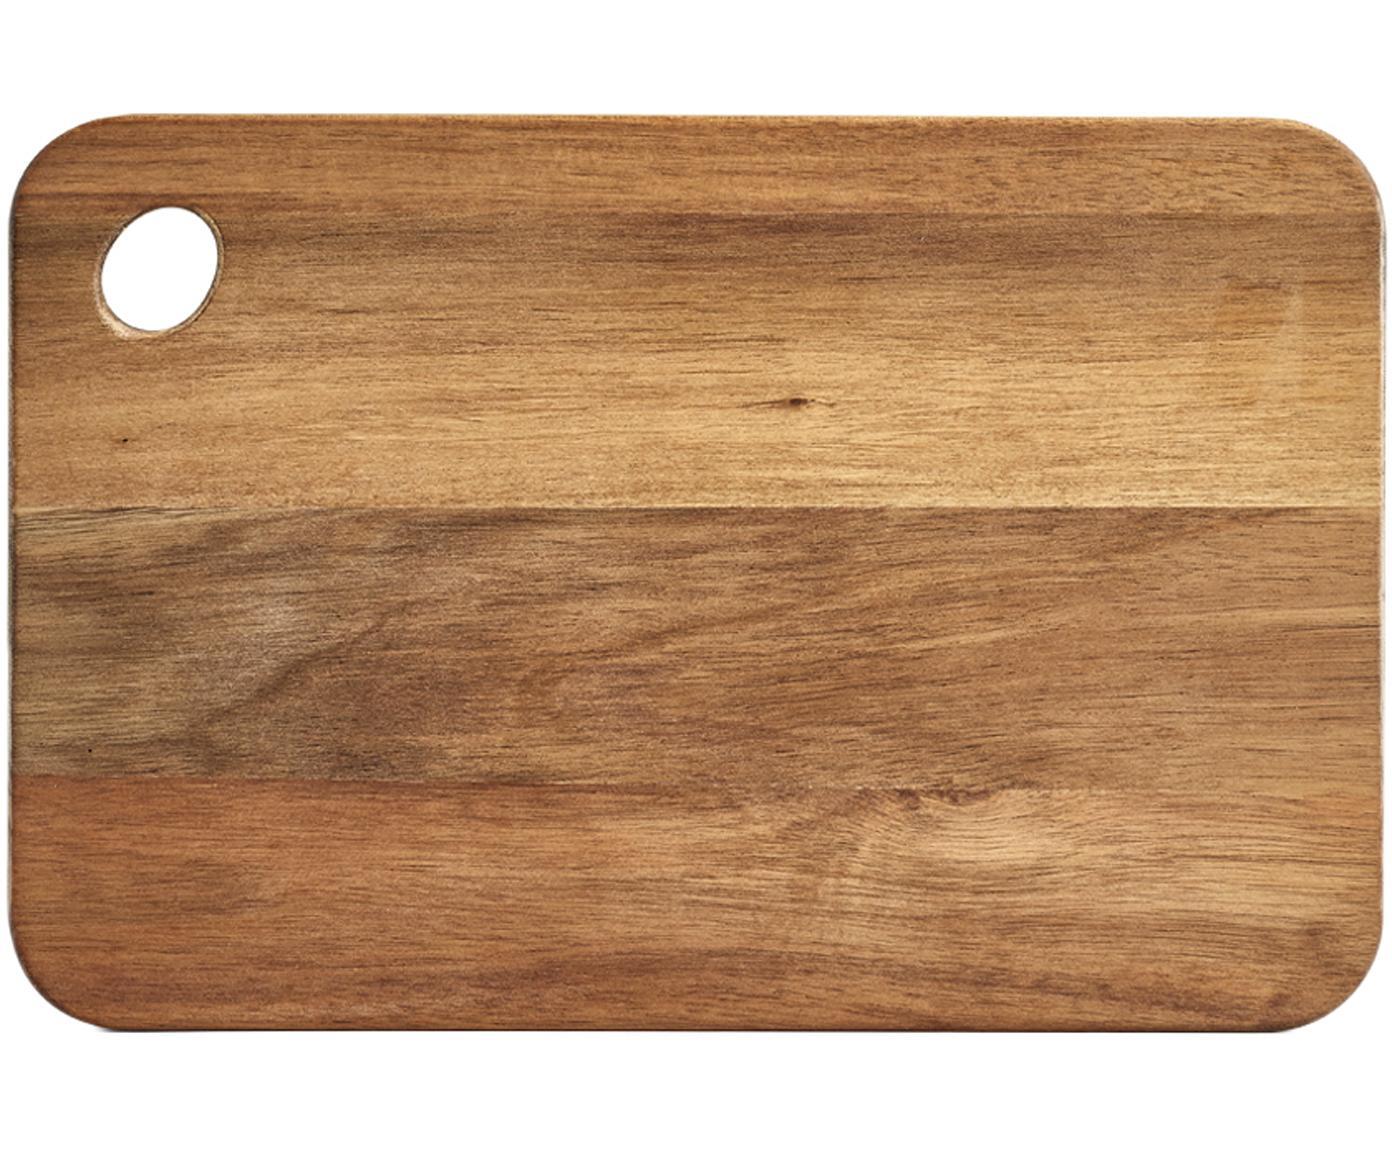 Deska do krojenia z drewna akacjowego Akana, Drewno akacjowe, olejowane, Drewno akacjowe, S 37 x G 25 cm